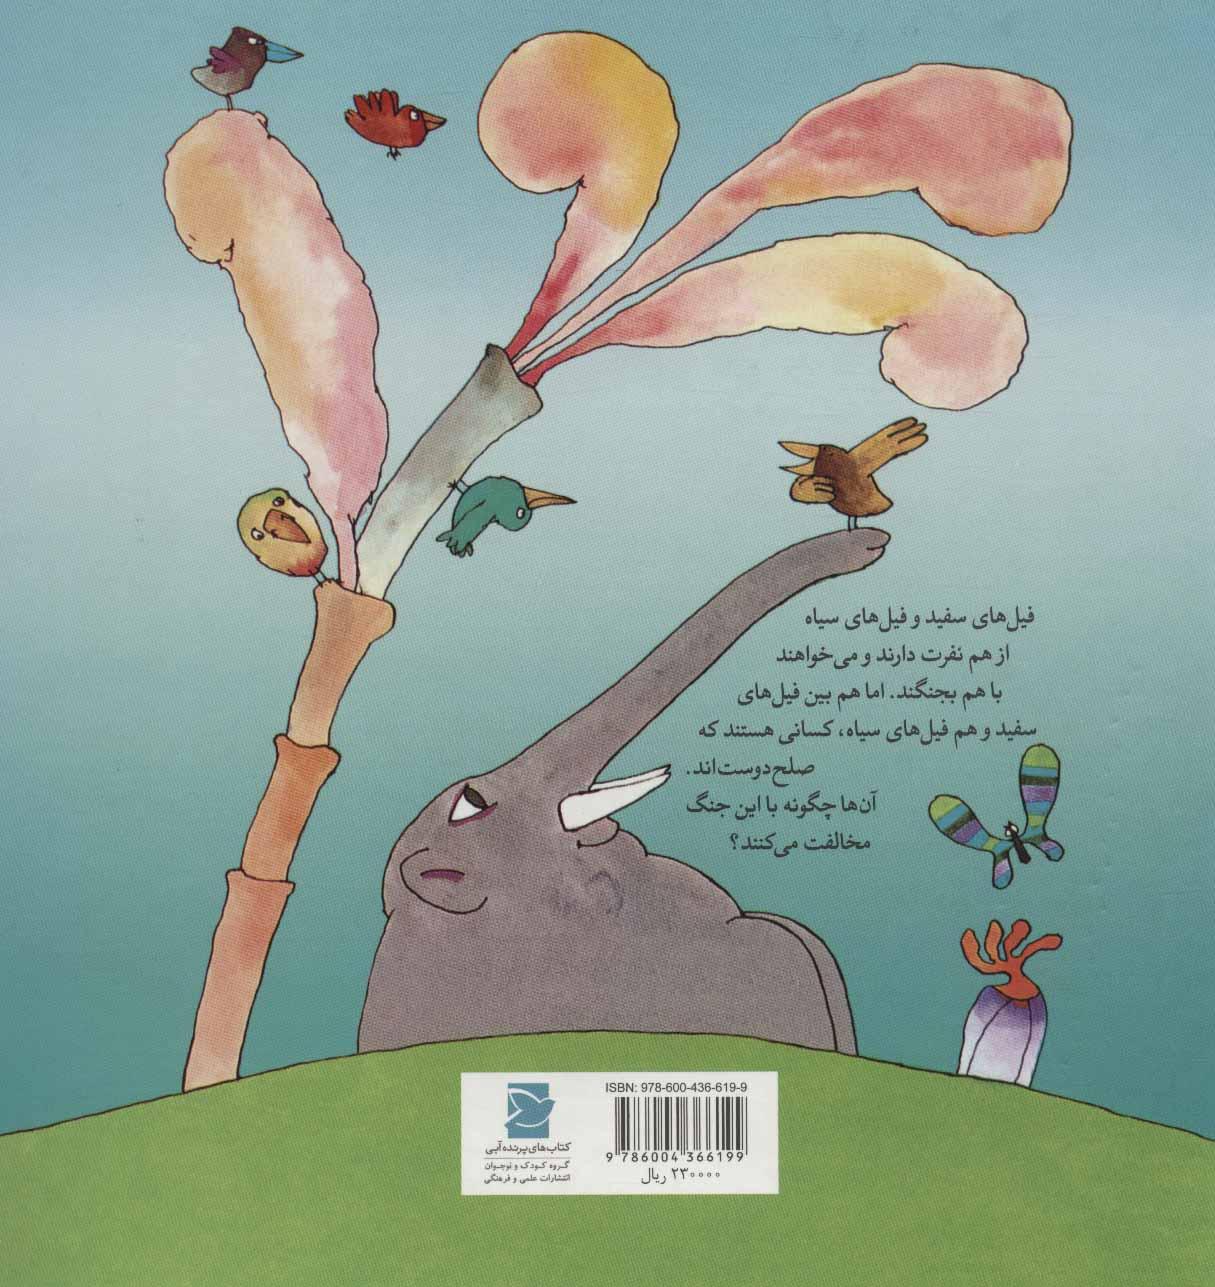 گوش بزرگ ها و گوش کوچک ها (داستان های صلح و دوستی)،(گلاسه)